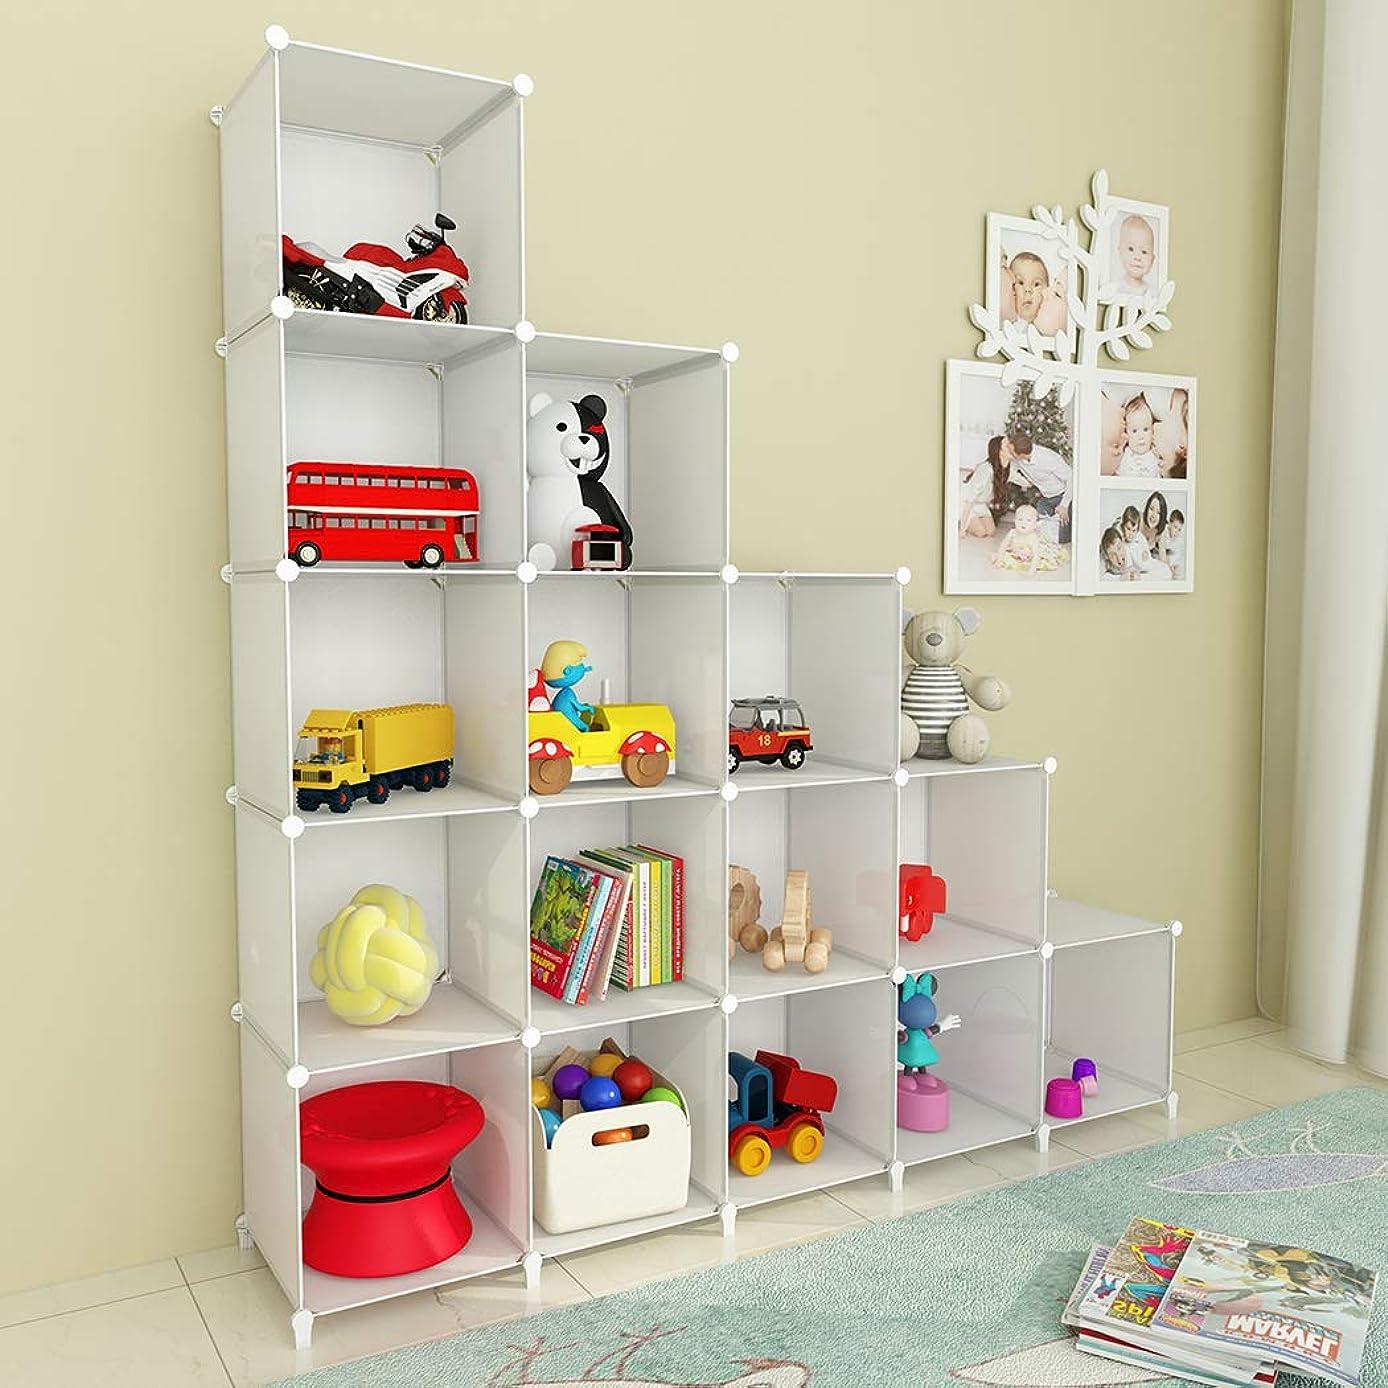 デッドロックペナルティ大胆SIMPDIY 本棚 大容量 整理棚 ワイヤー収納ラック 組み立て式 衣類収納ボックス 便利な ワードローブ - 白(16ボックス)